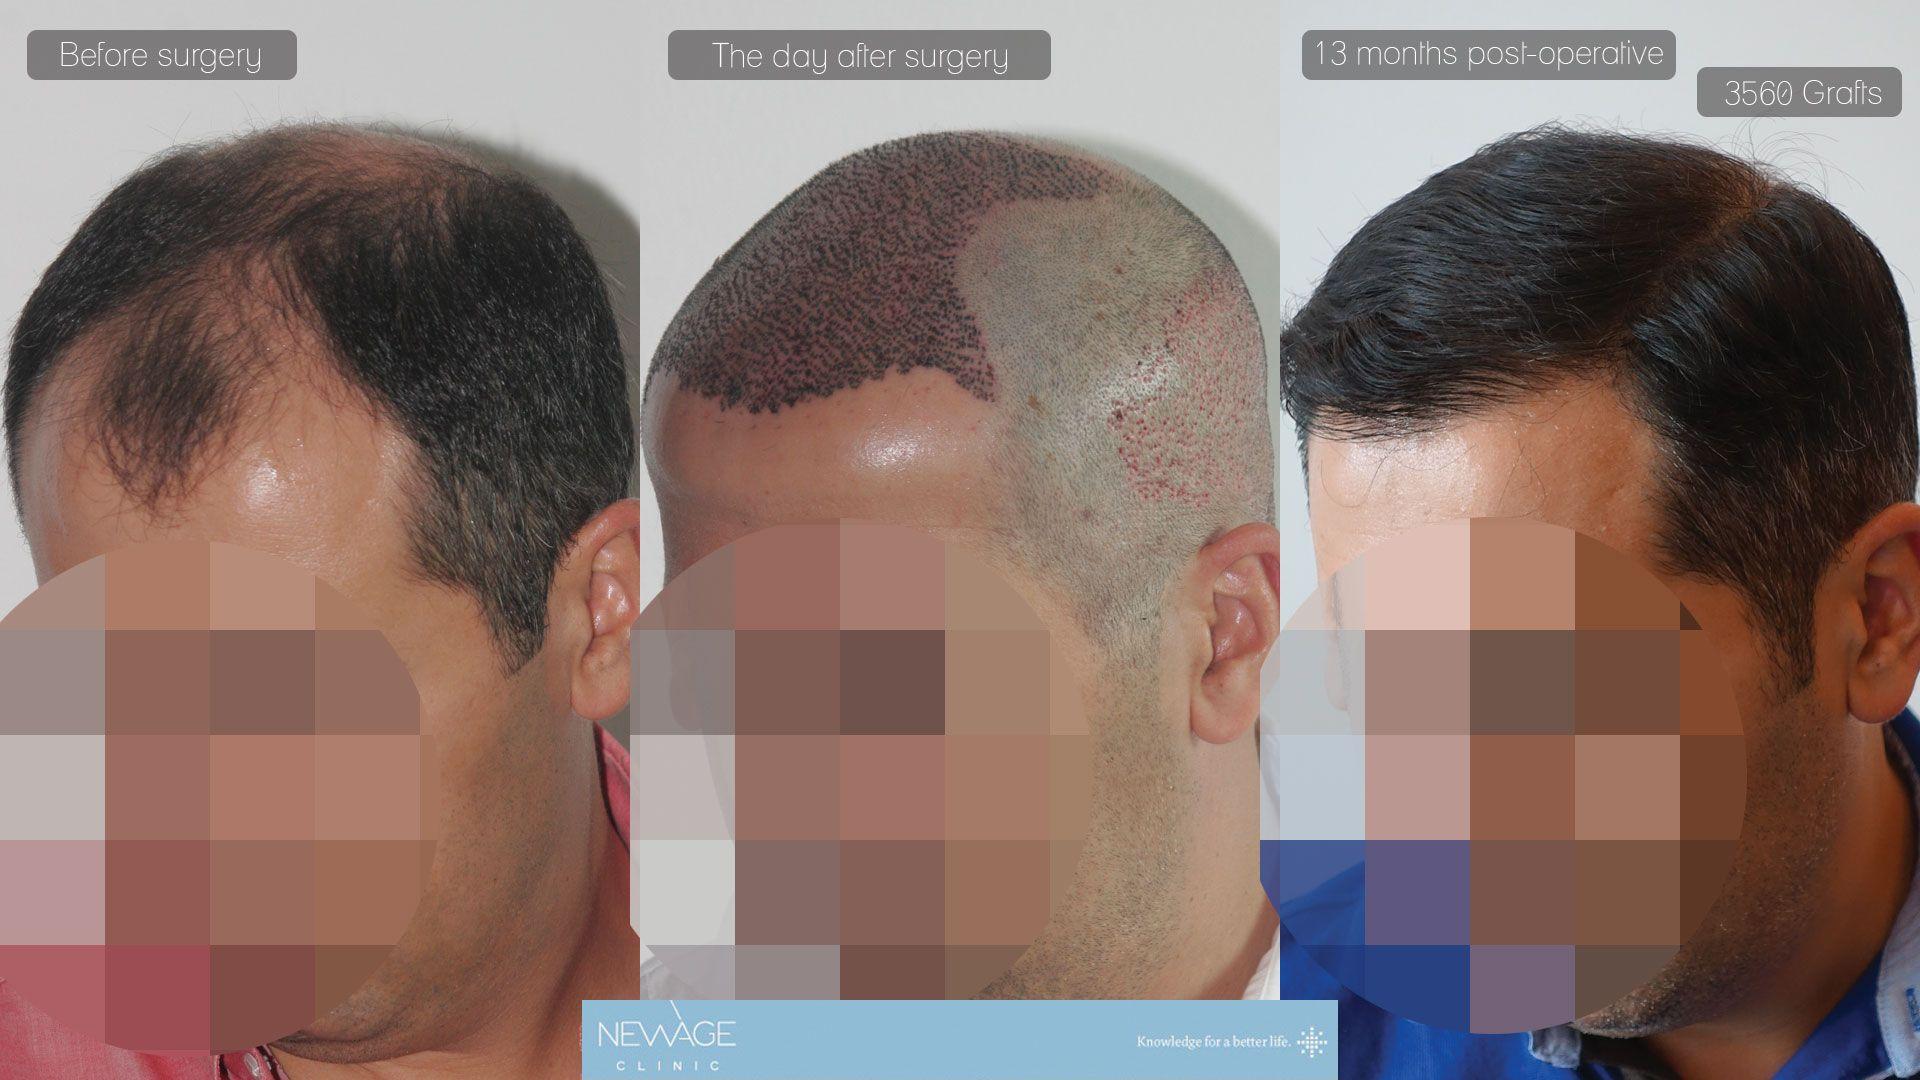 Das Ergebnis von 13 Monaten - 3560 transplantat  #haartransplantation #alopezie